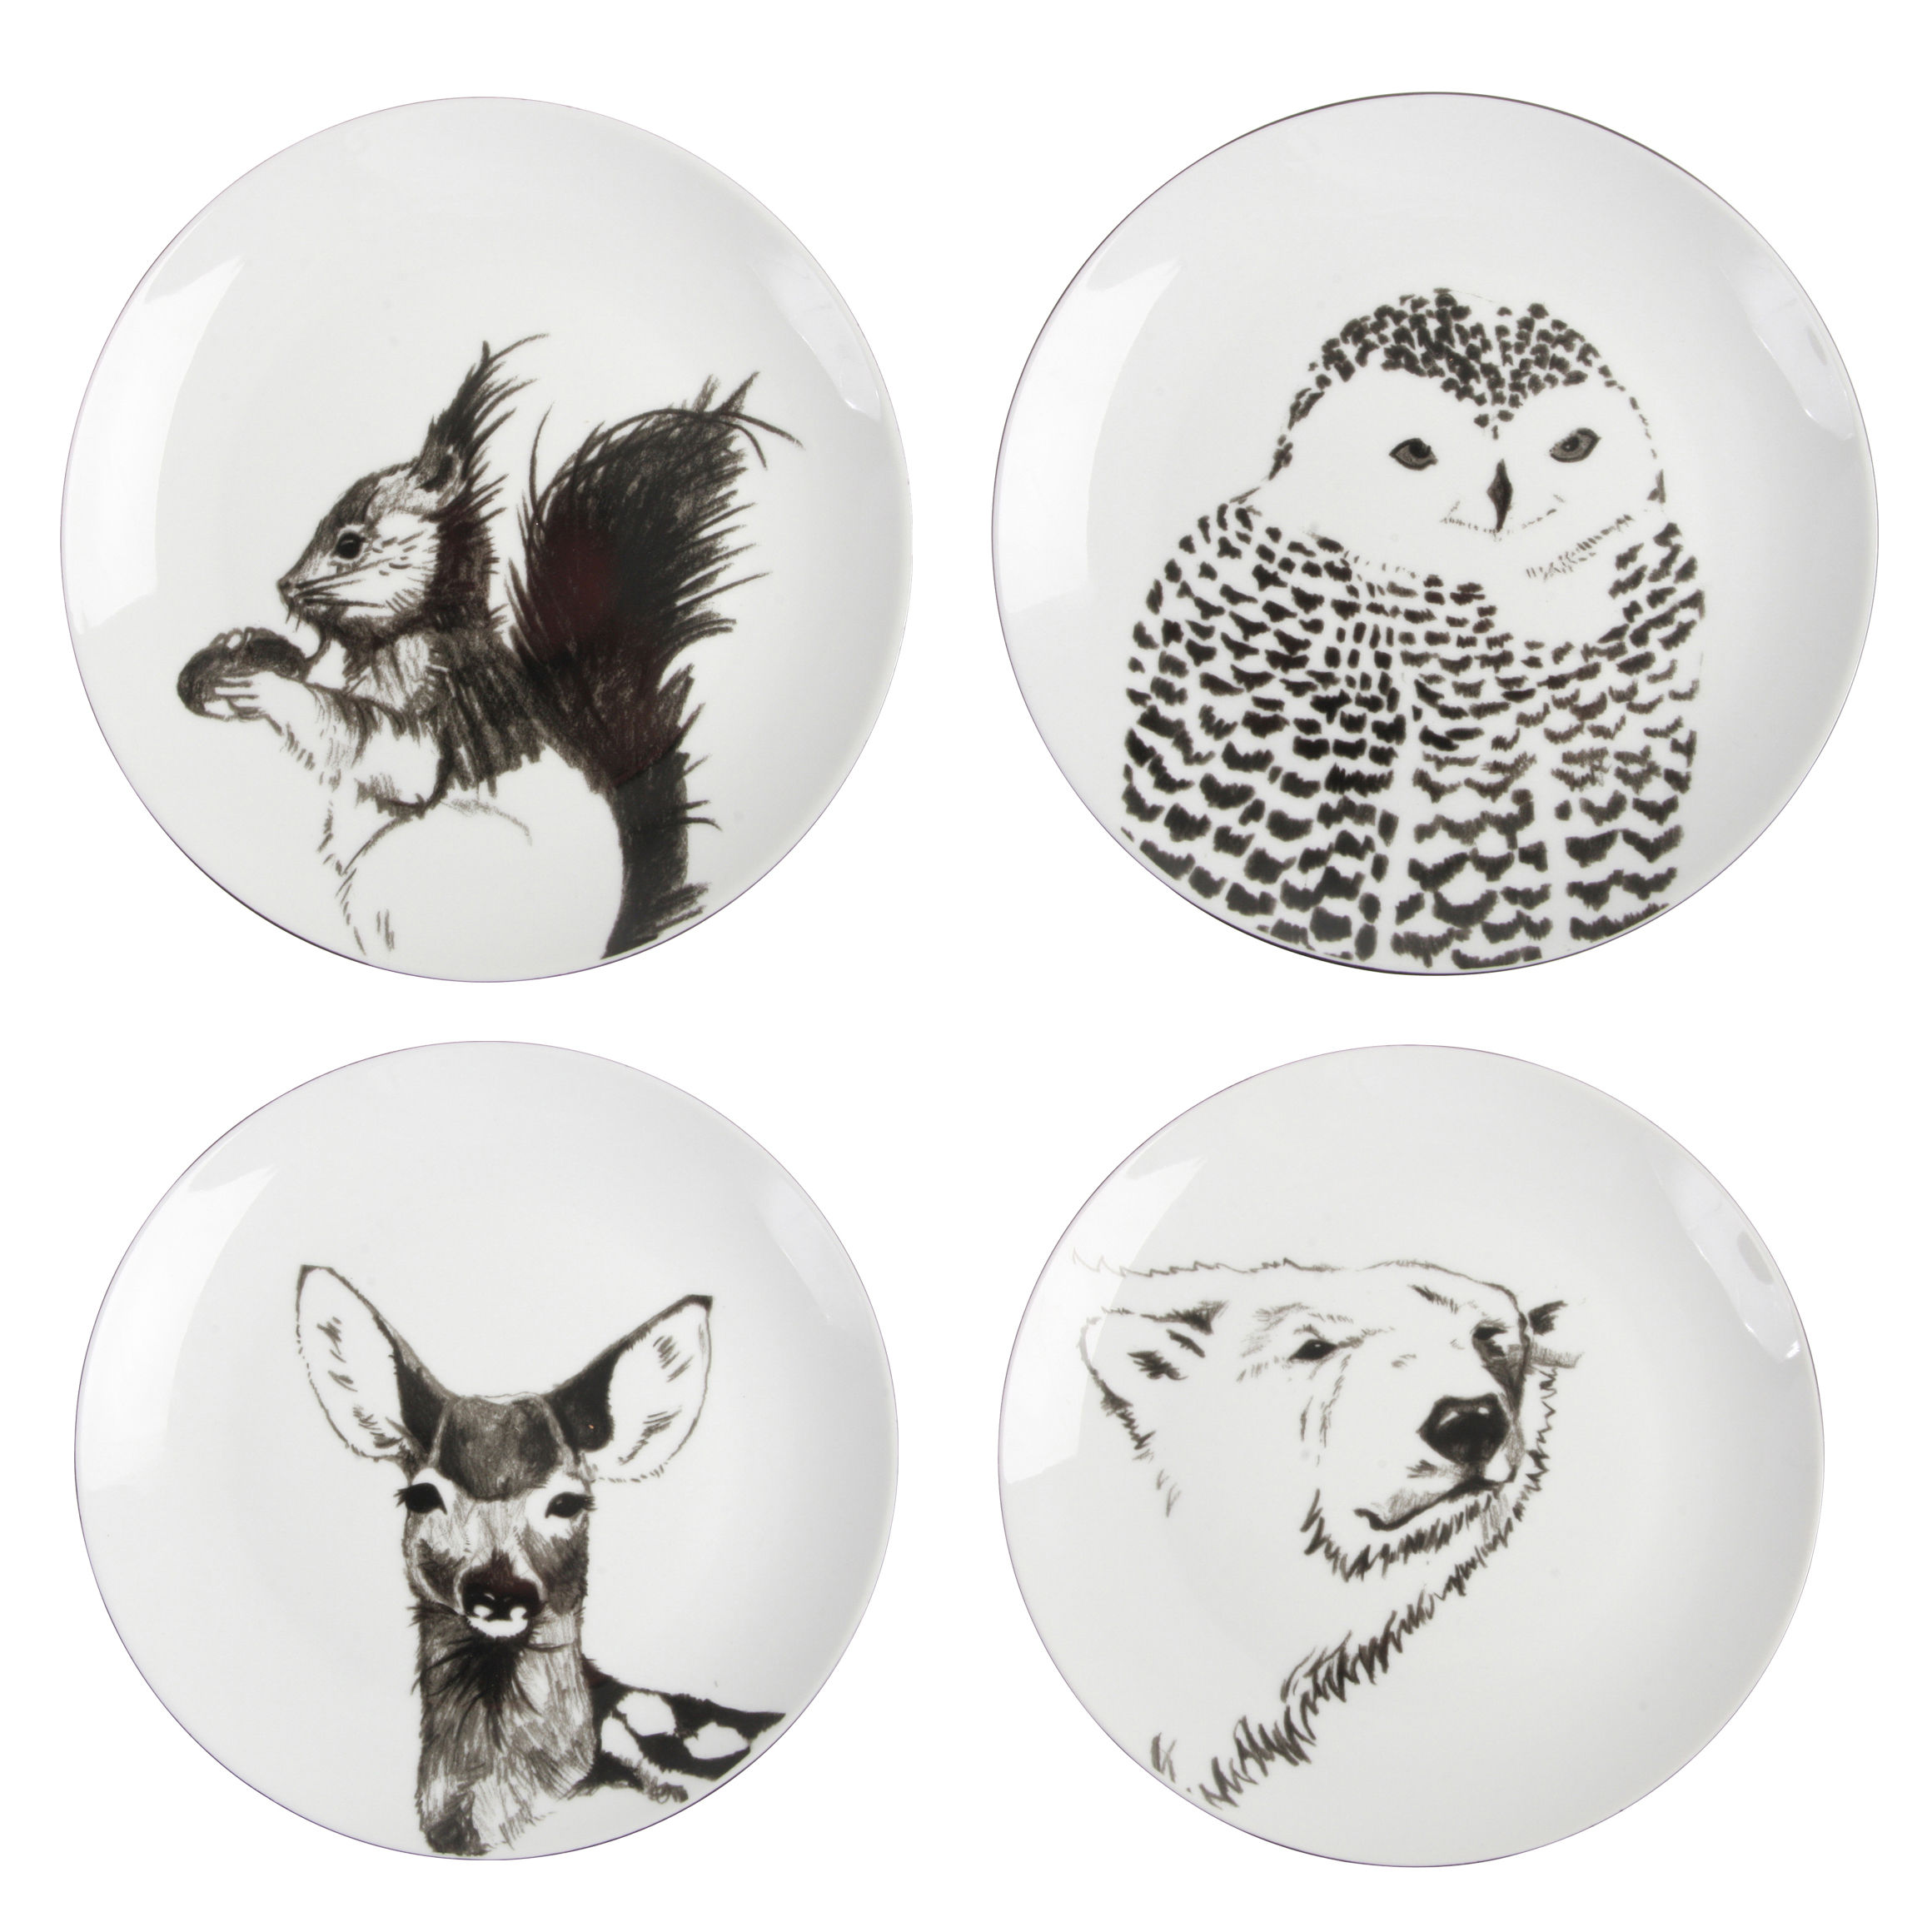 Arts de la table - Assiettes - Assiette Anouk winter / Set de 4 - & klevering - Noir & Blanc - Porcelaine